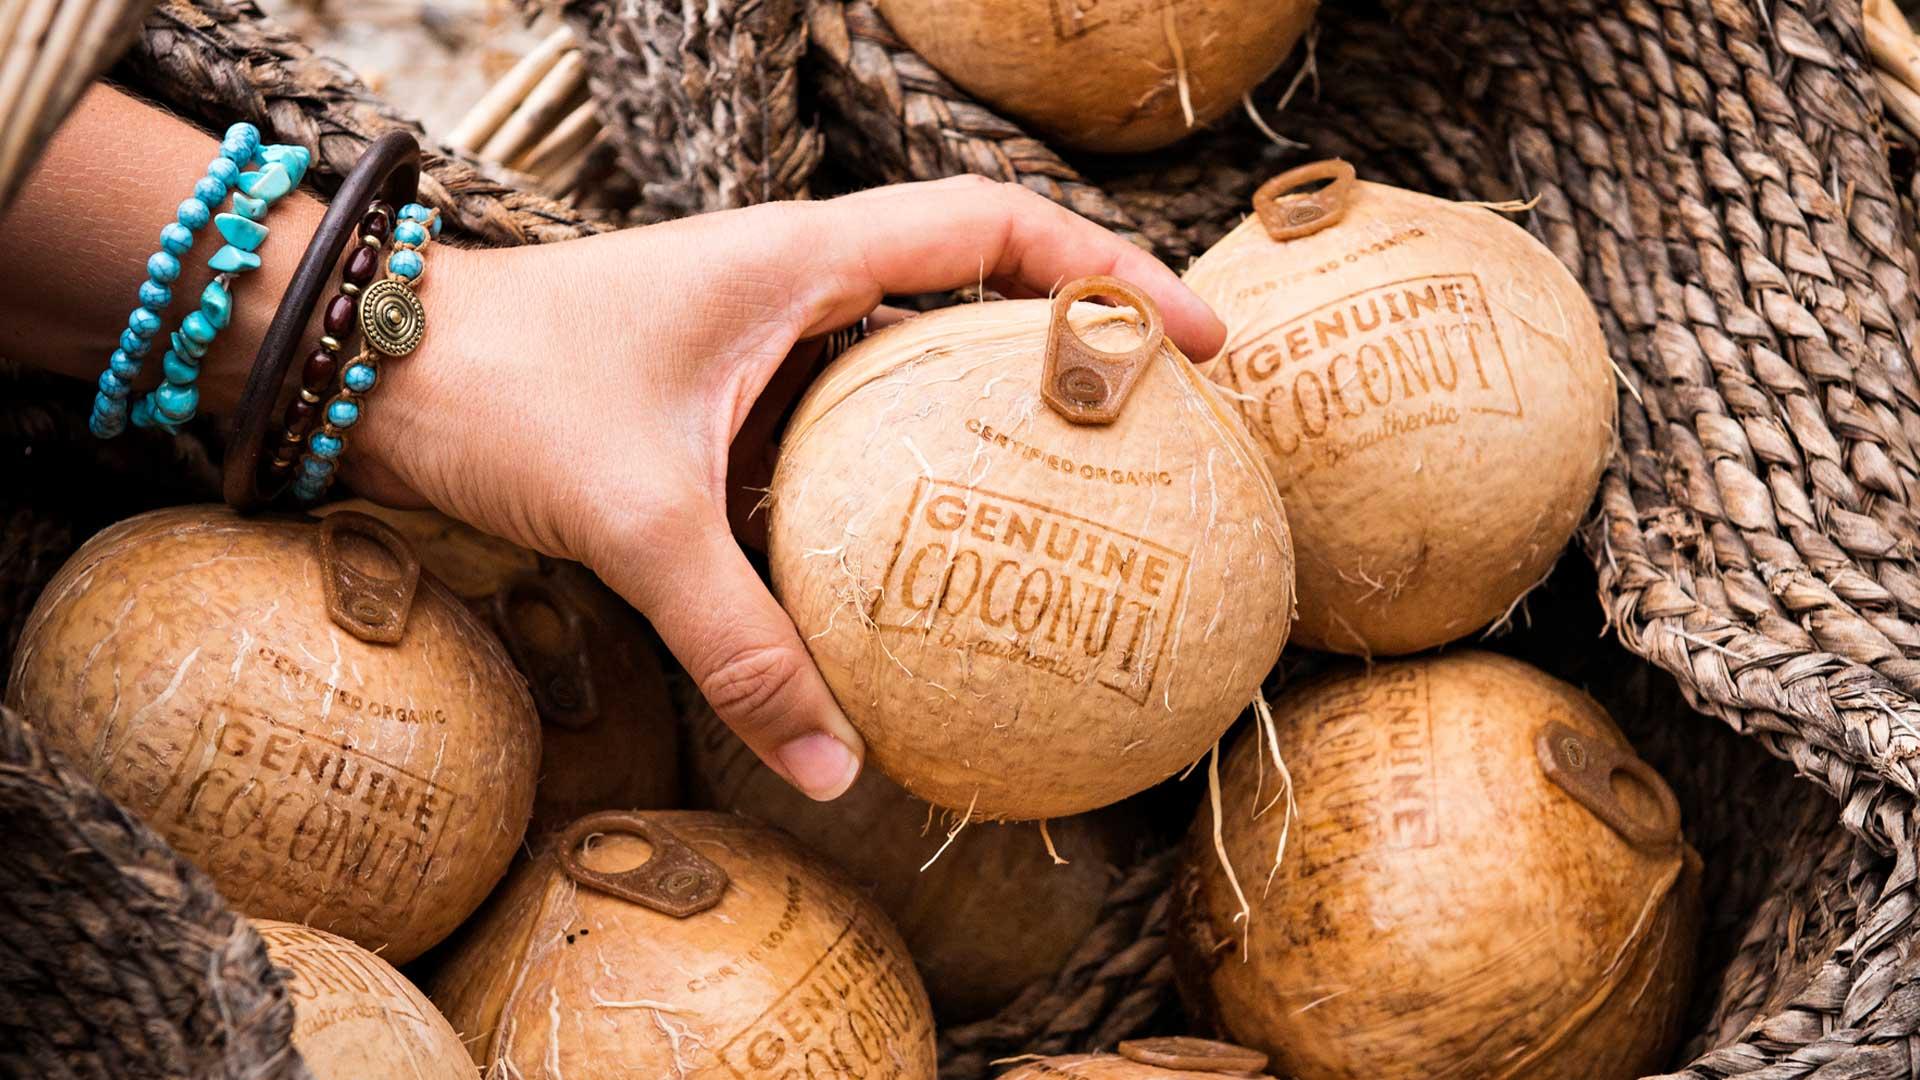 agua de coco genuine coconut tailandia